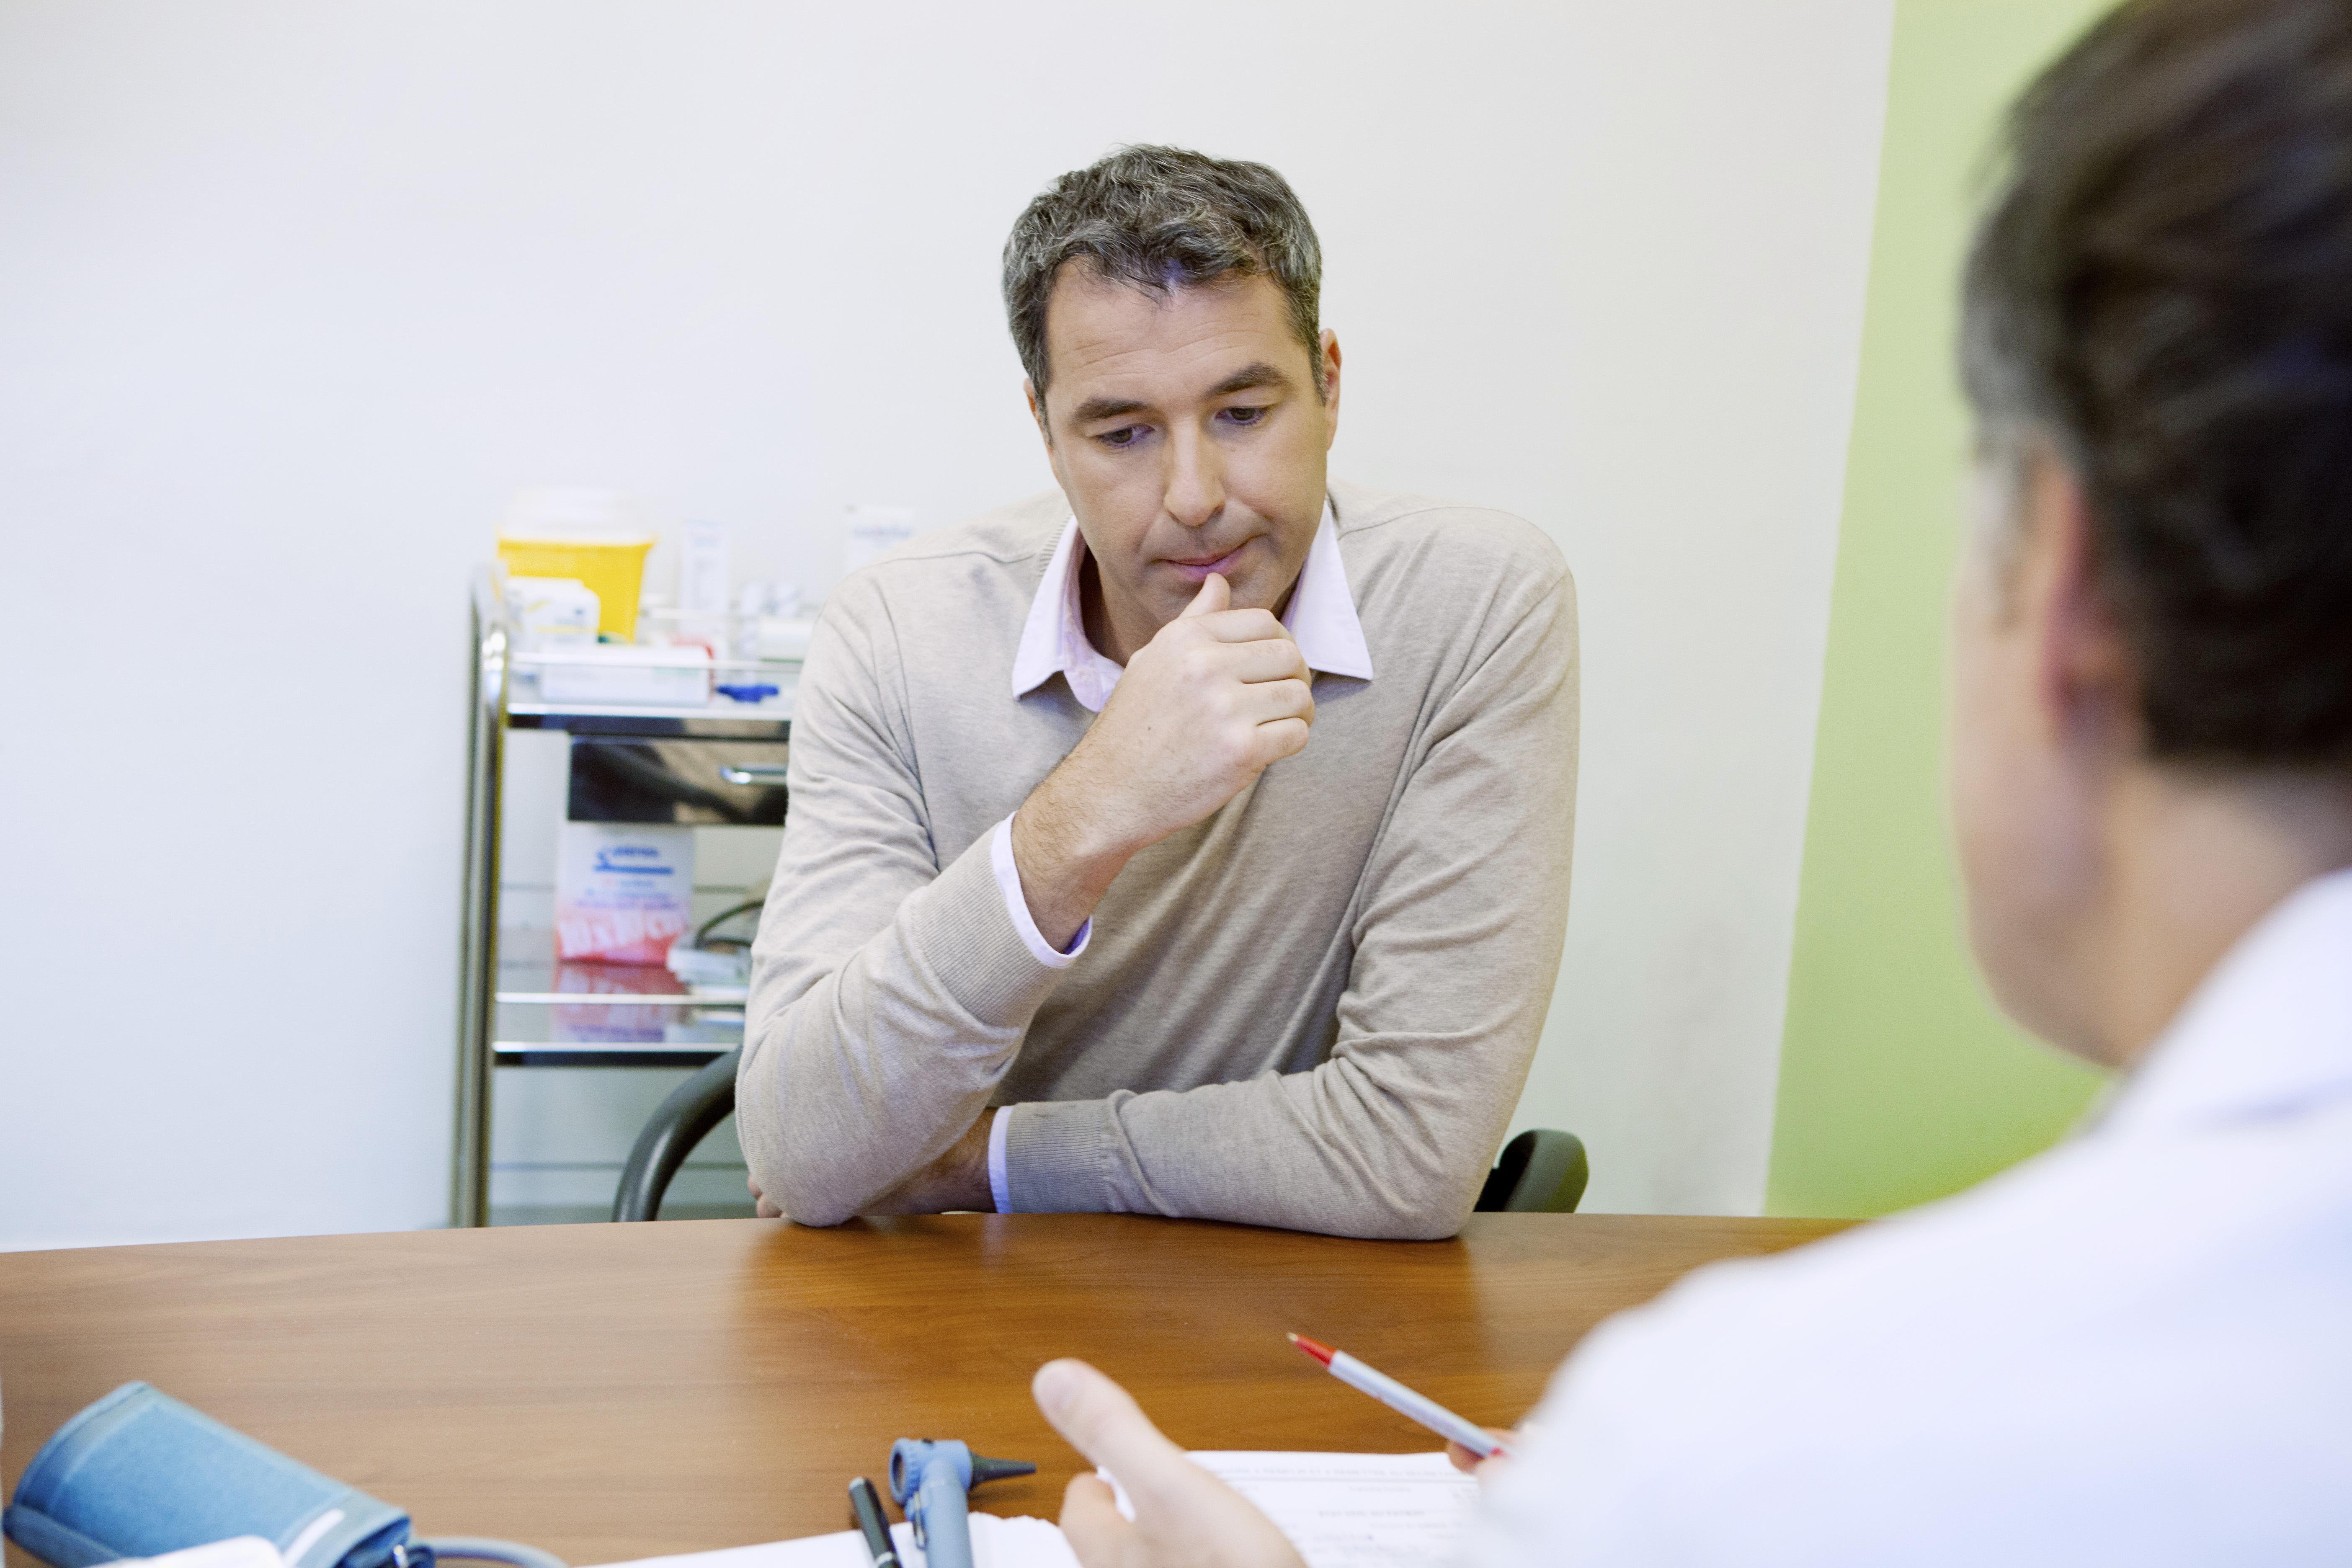 Tidpunkten är avgörande för blodsockernivån. Om du tar testet snart efter en måltid kommer nivån att vara hög. Testet bör tas på fastande mage.